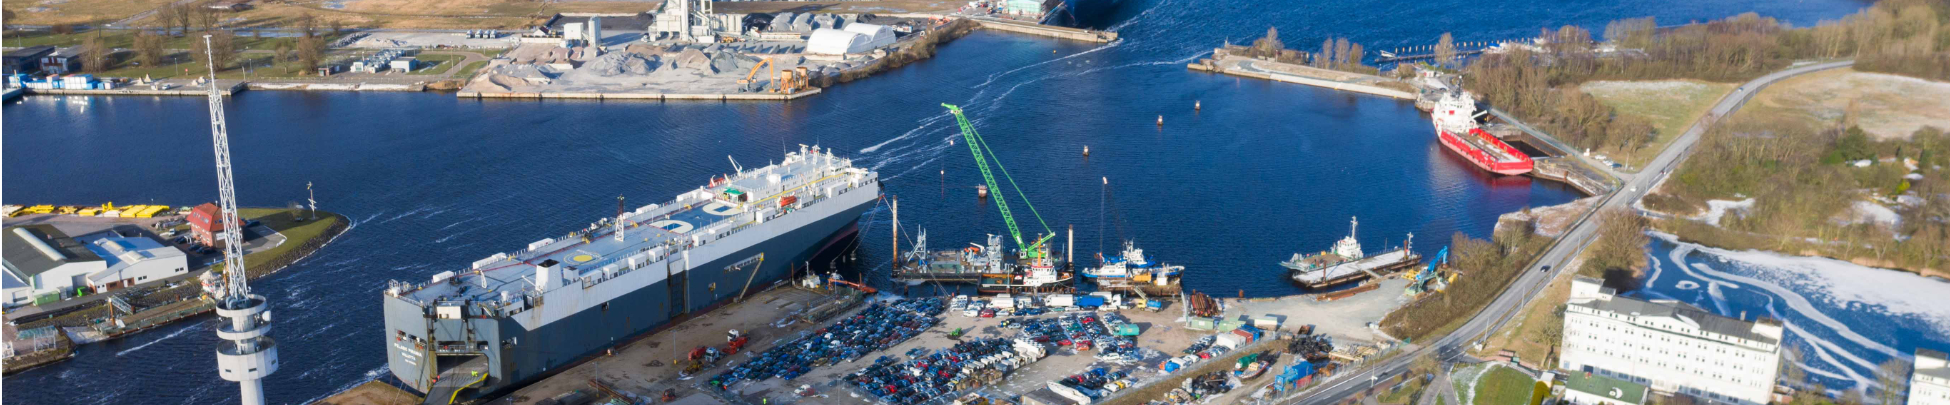 https://www.seaports.de/content/uploads/klabautermannimages7banner.jpg